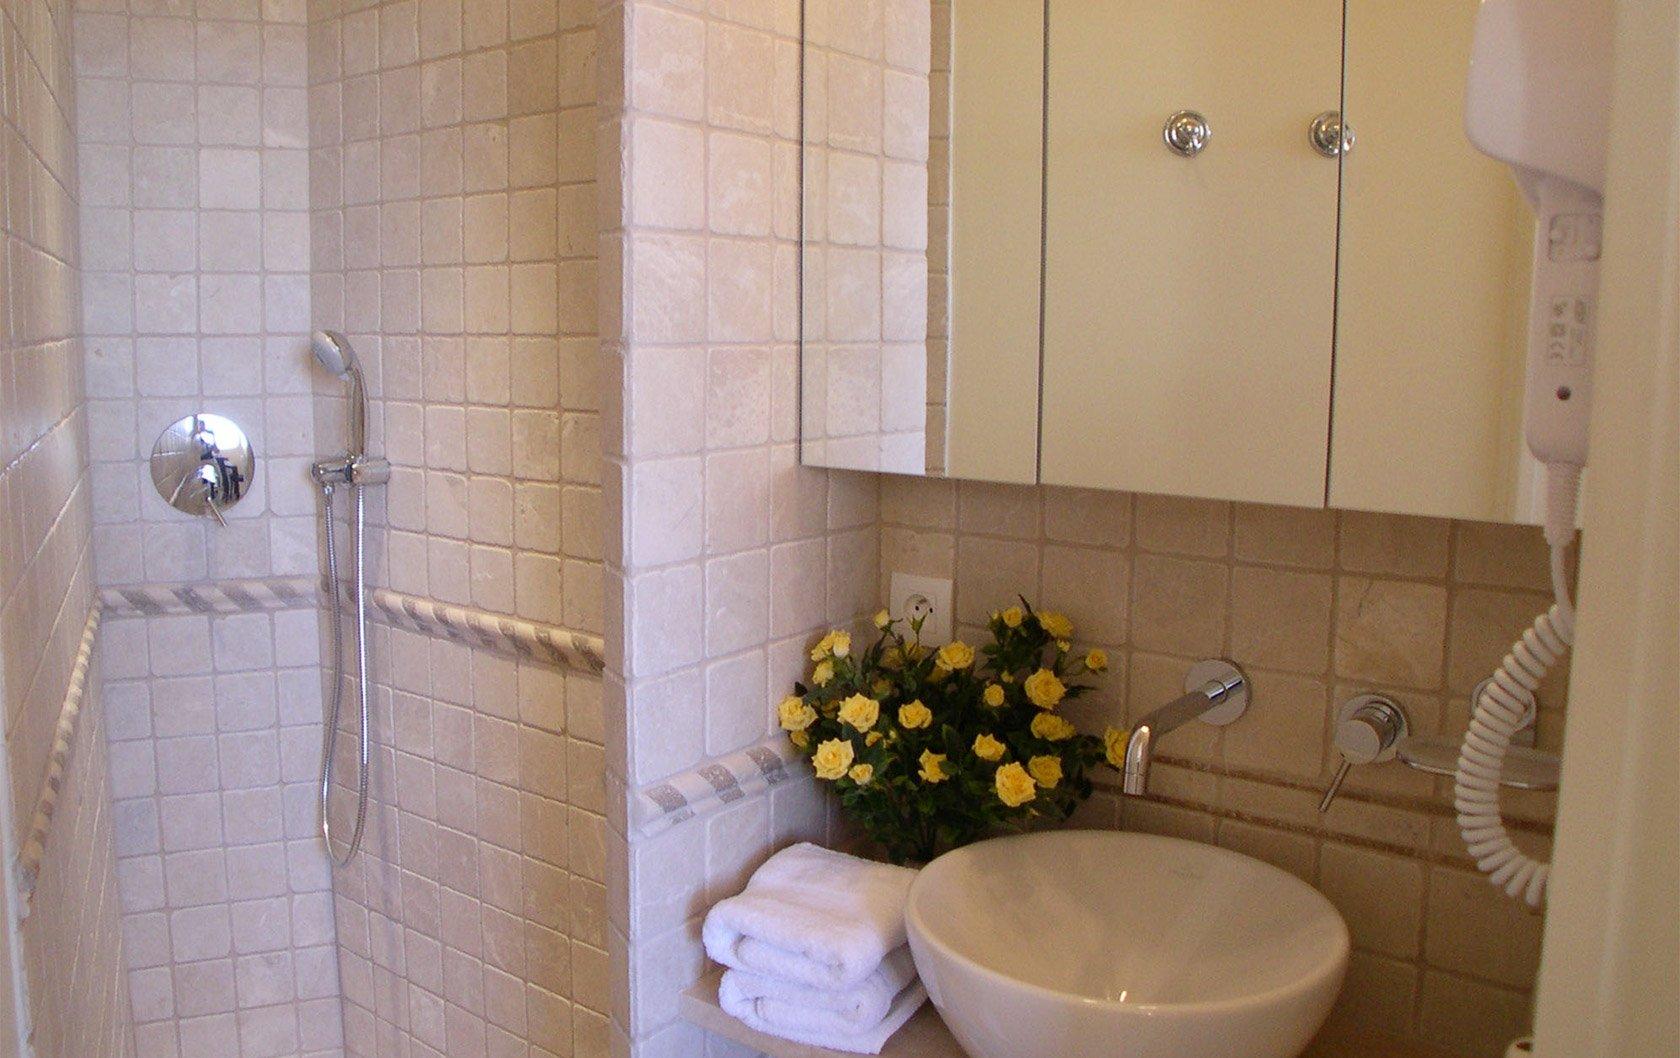 medoc-bathroom